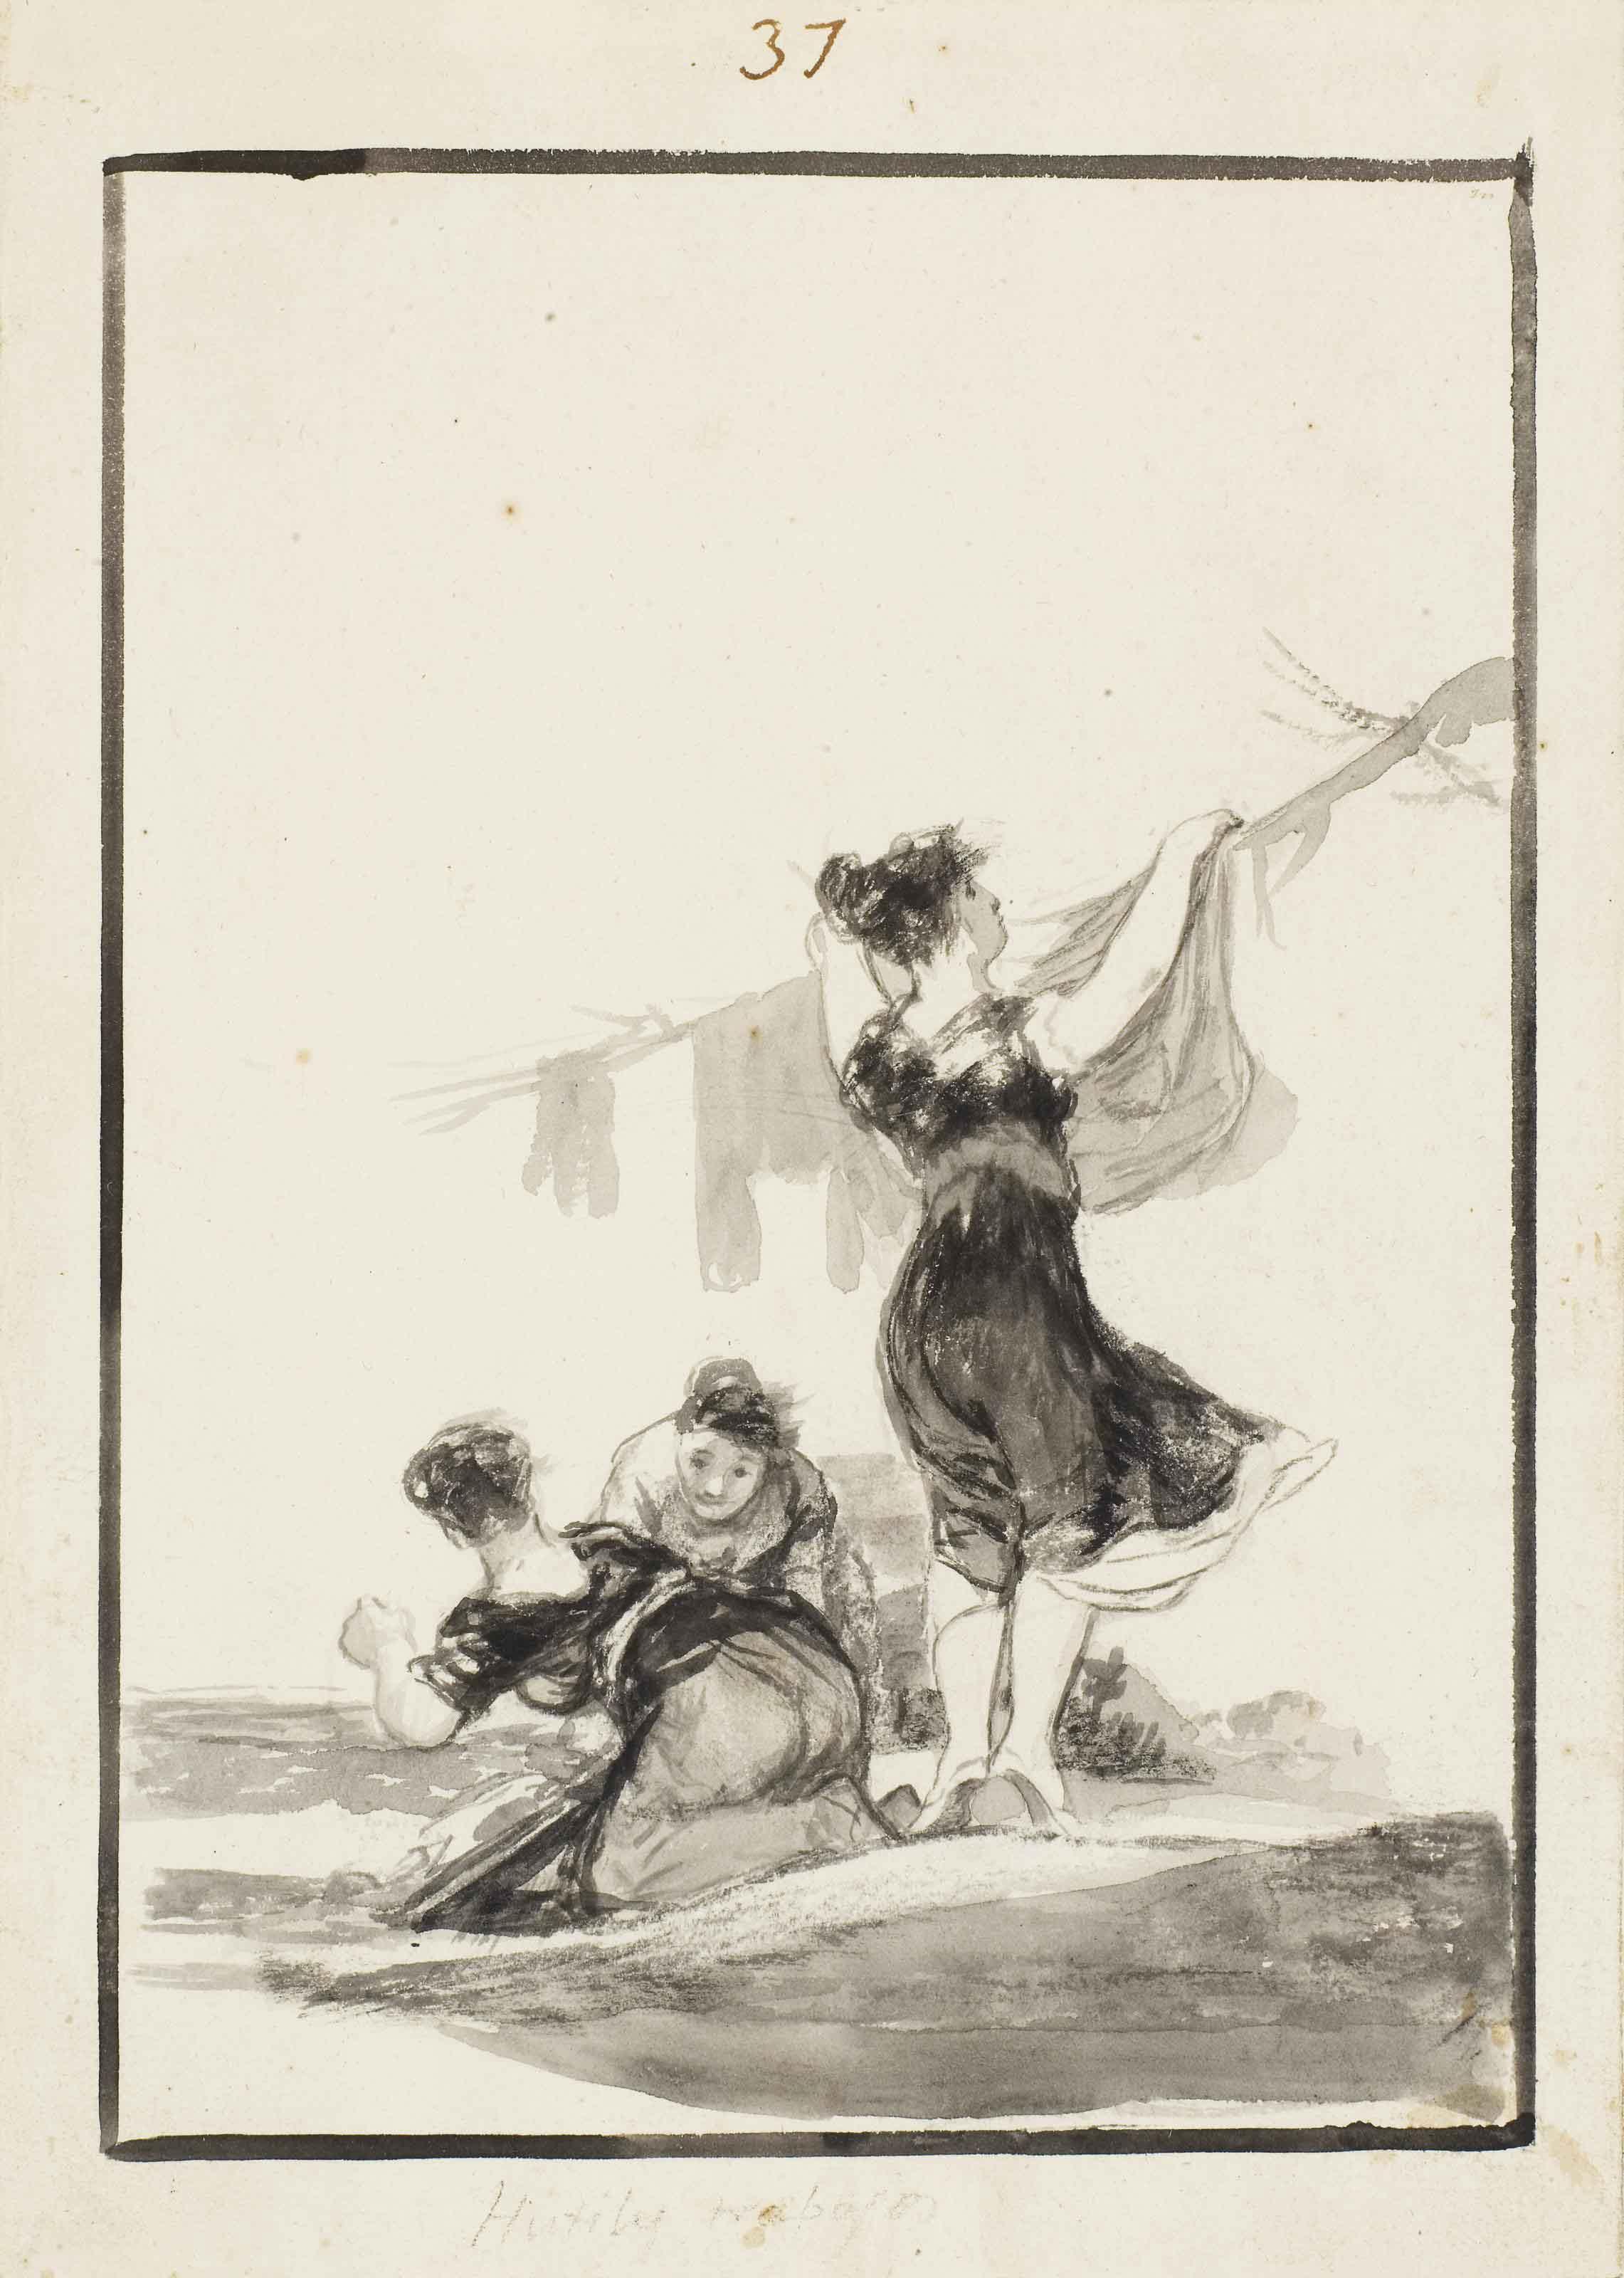 法兰西斯科·戈雅(1746年生于丰德托多斯,1828年卒于波尔多),《有用的工作》。10⅜x 7⅜吋(26.3 x 18.6公分)。此作于2011年7月5日在佳士得伦敦售出,成交价2,281,250英镑